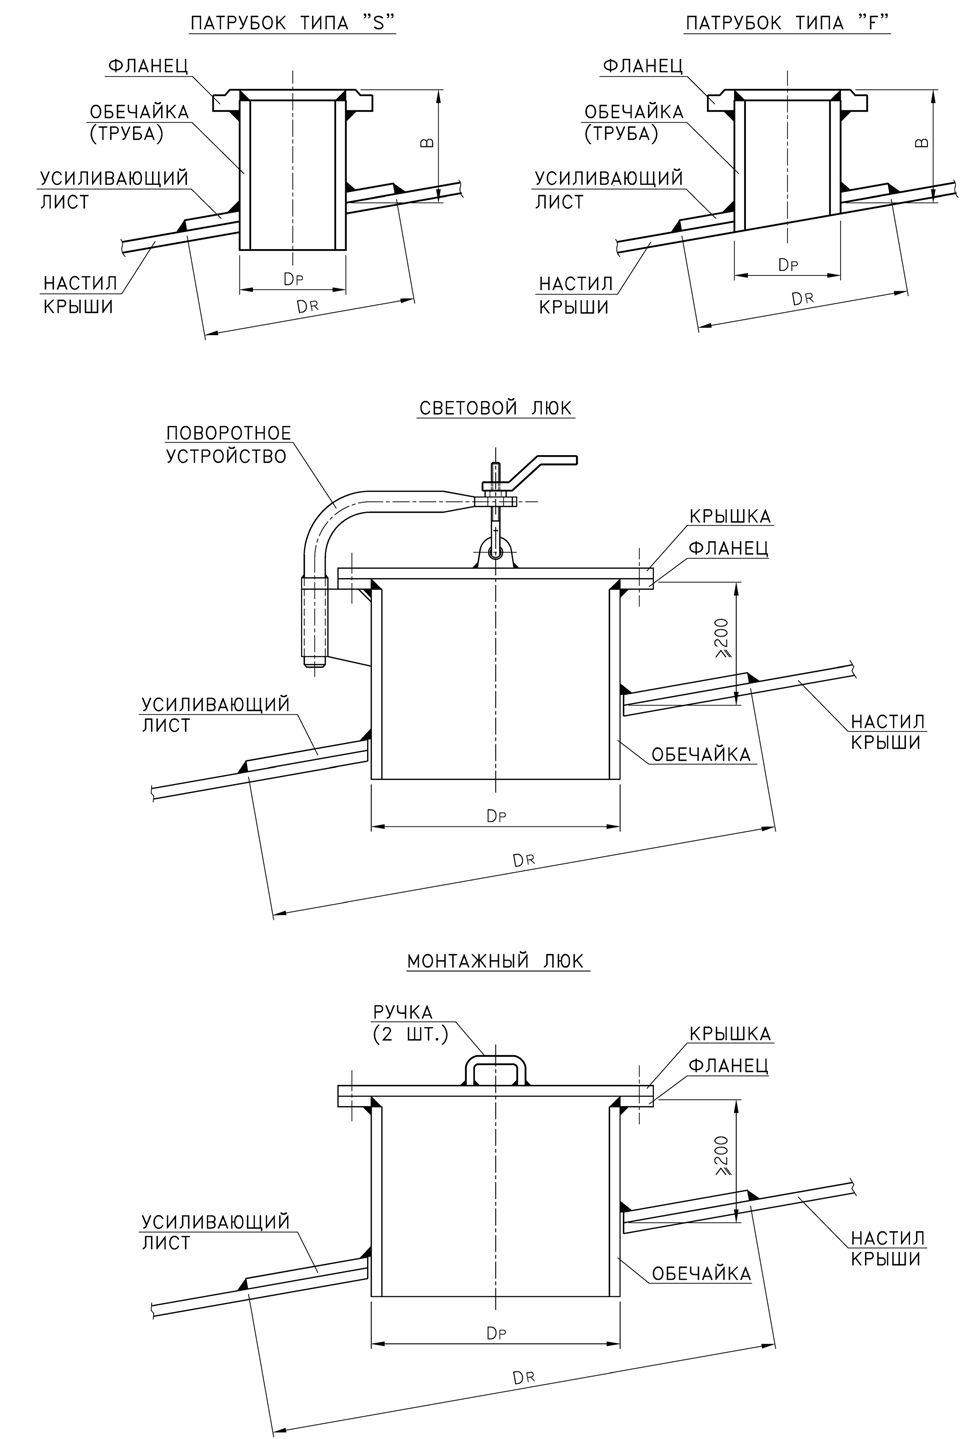 Патрубки, люки и монтажные проемы в крыше